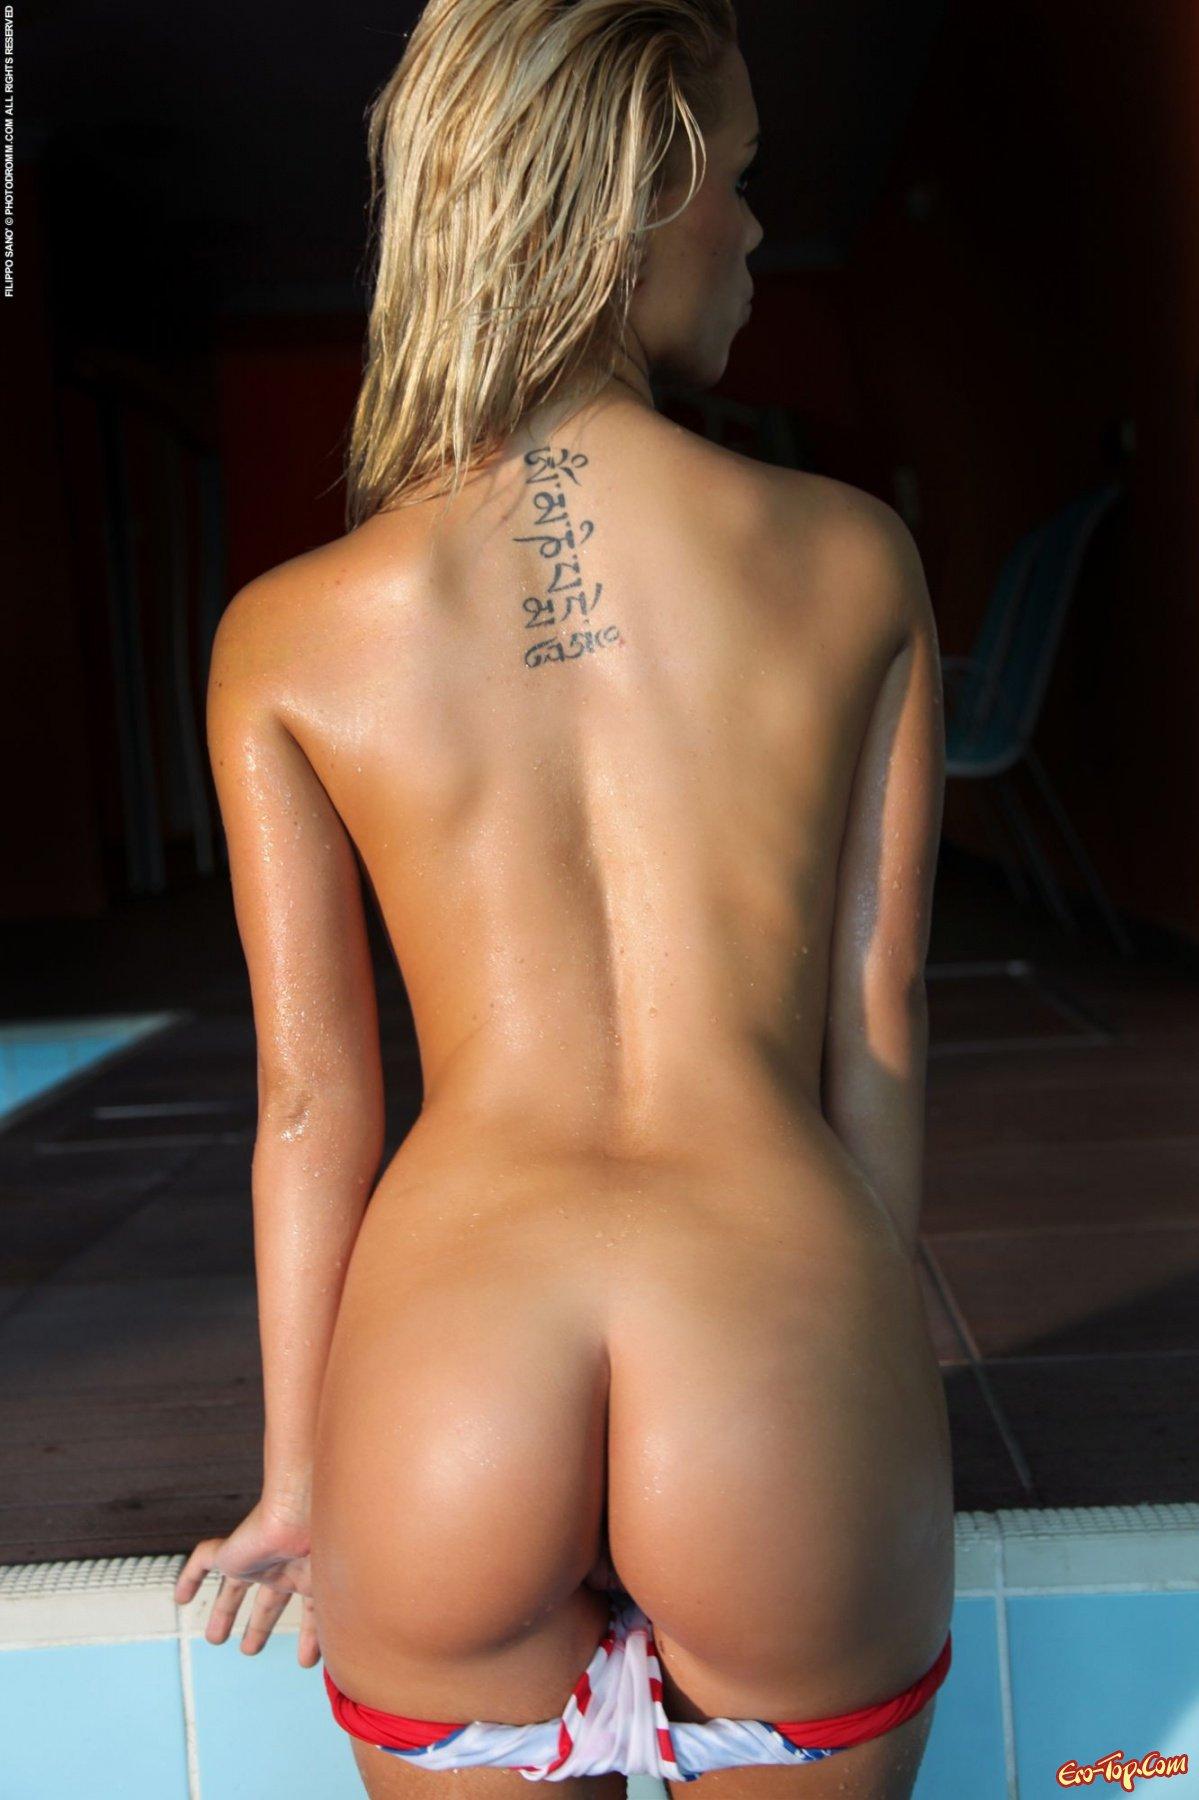 Голая блондинка в бассейне